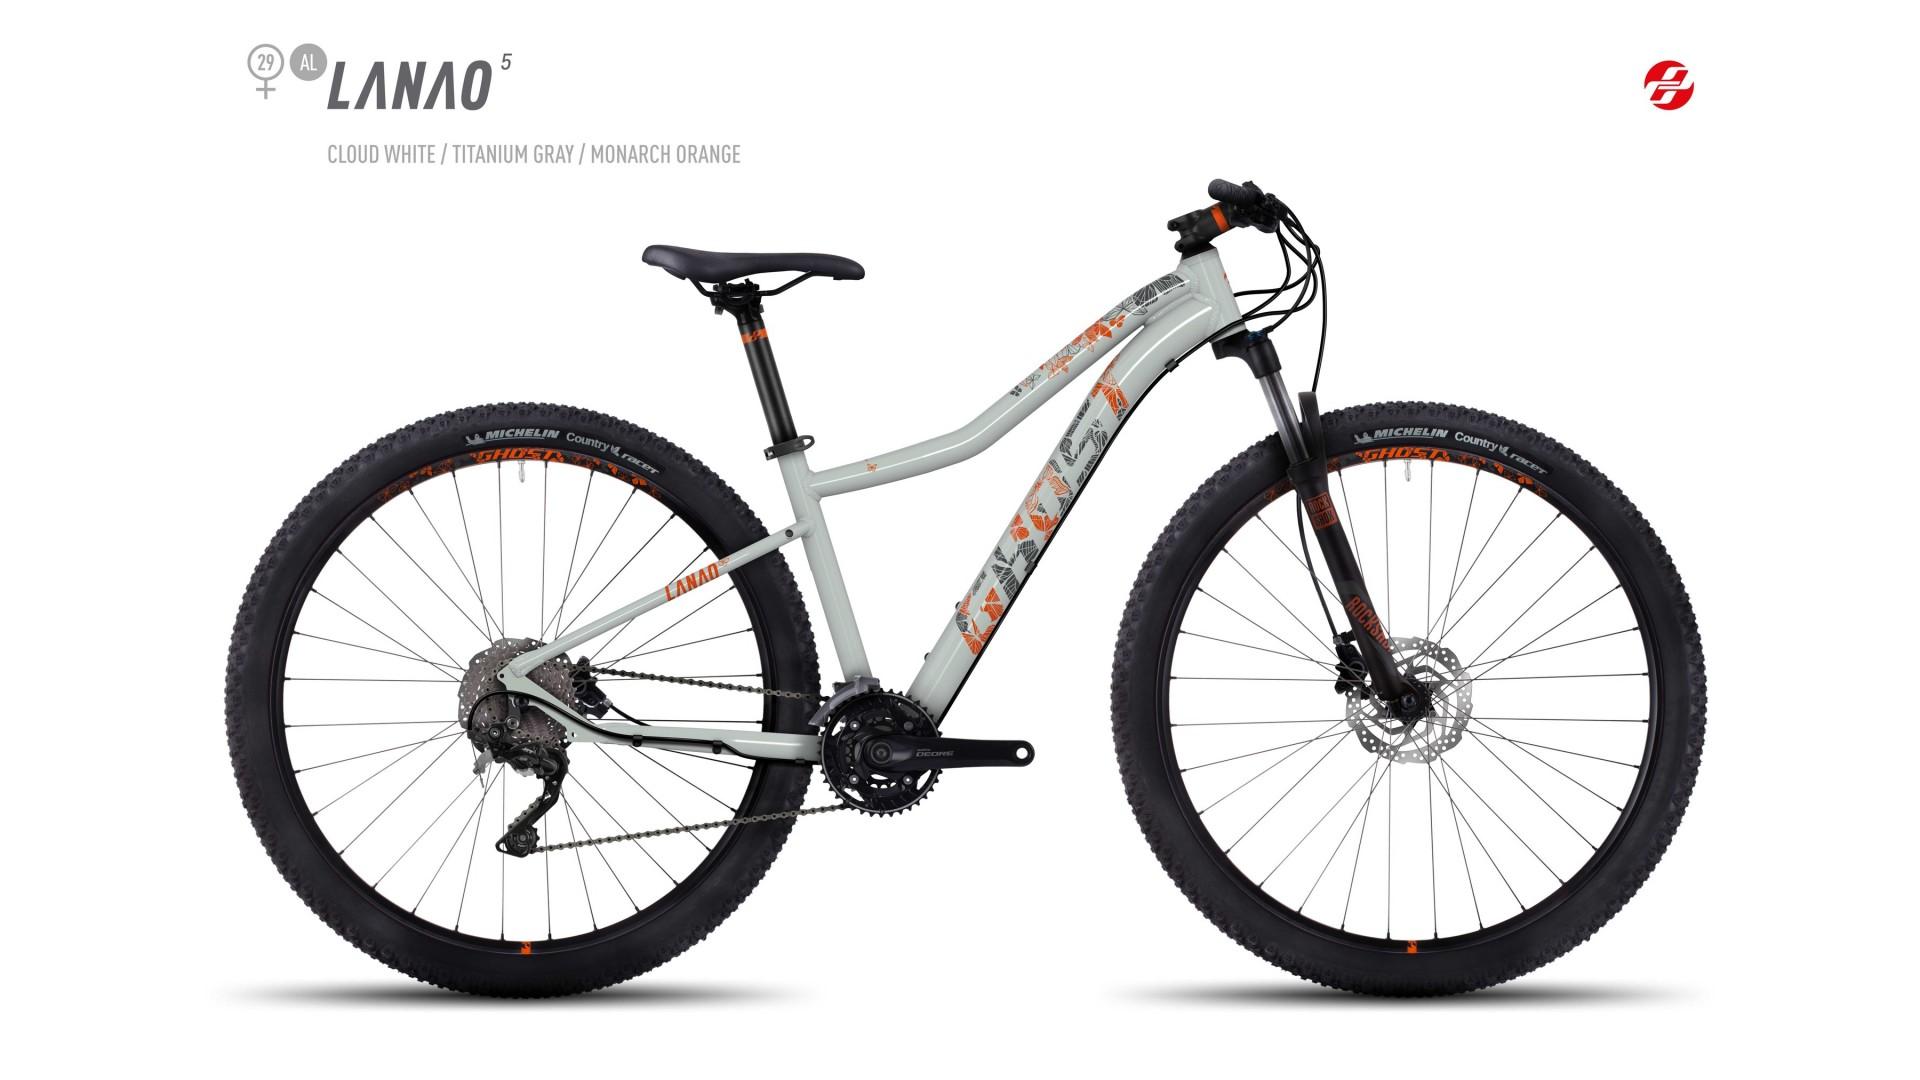 Велосипед GHOST Lanao 5 AL 29 cloudwhite/titaniumgrey/monarchorange год 2017